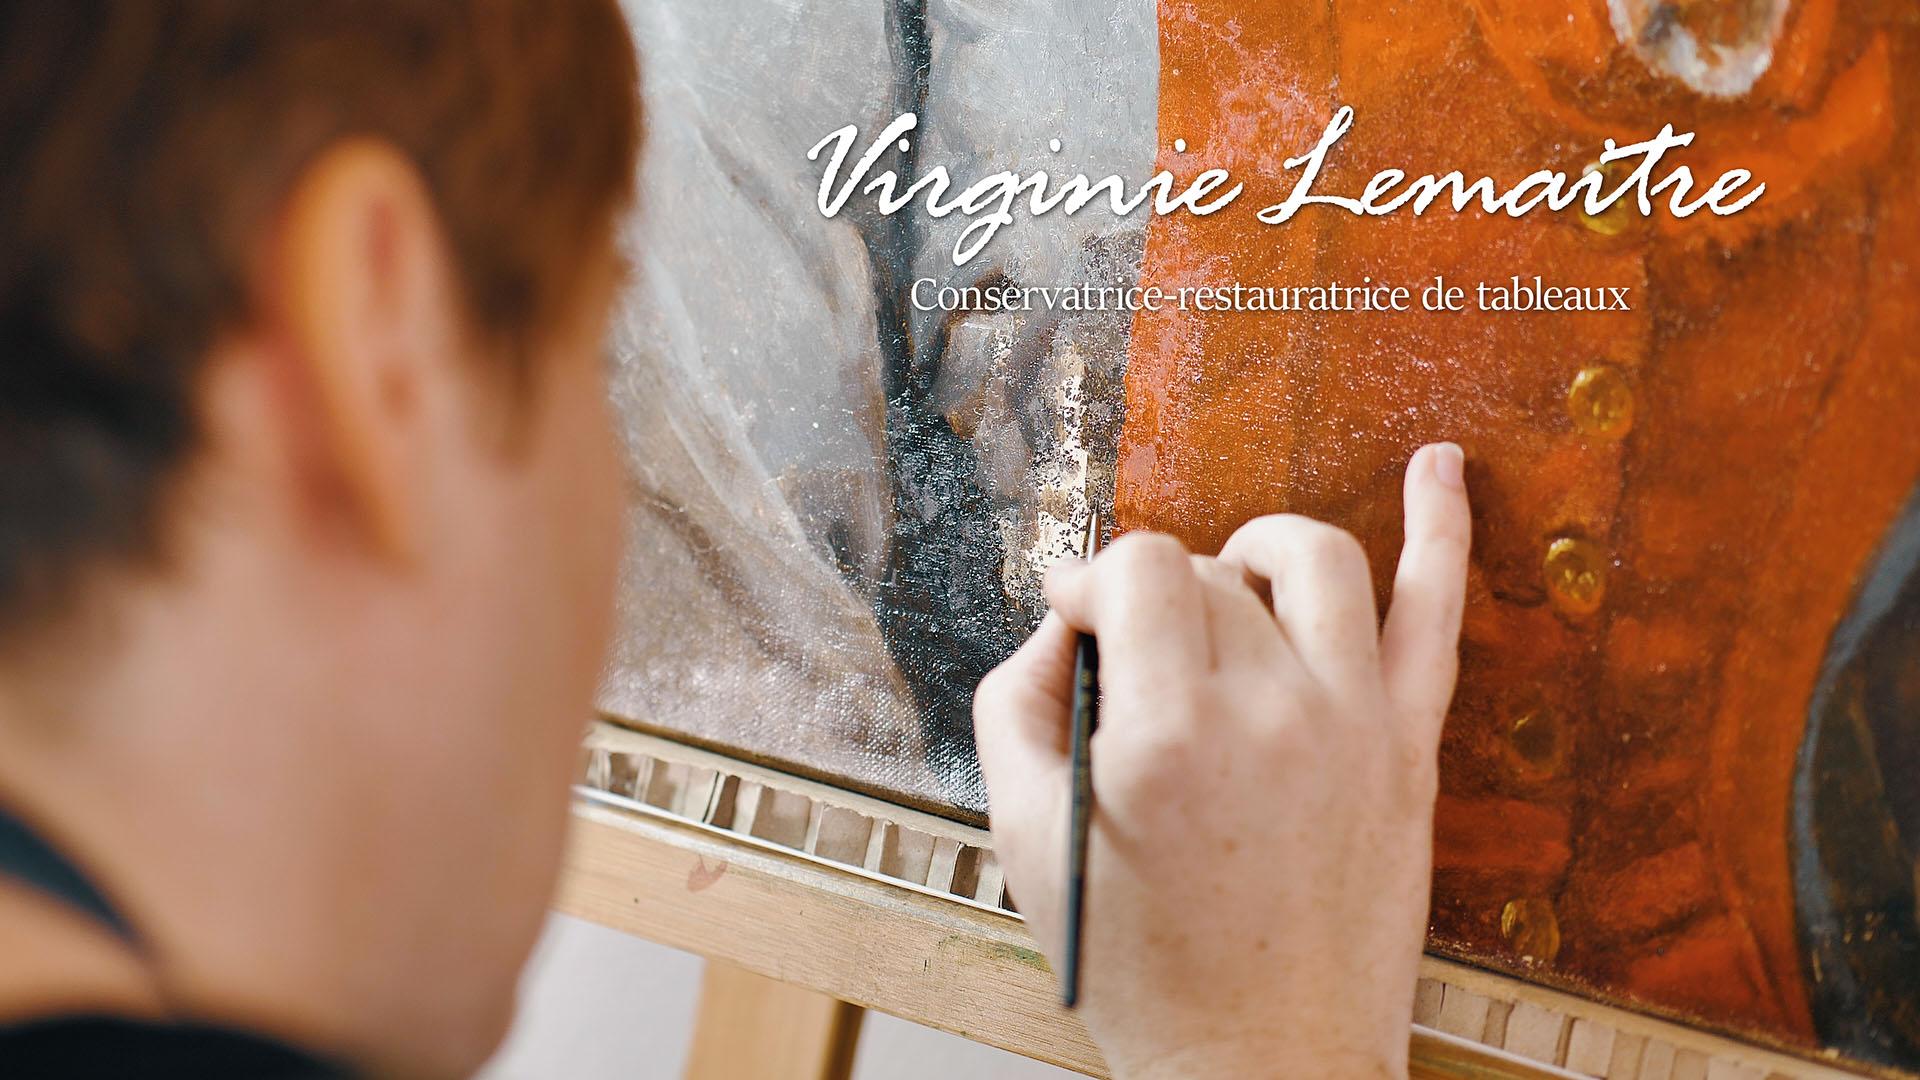 conservatrice-restauratrice de tableau virginie lemaitre